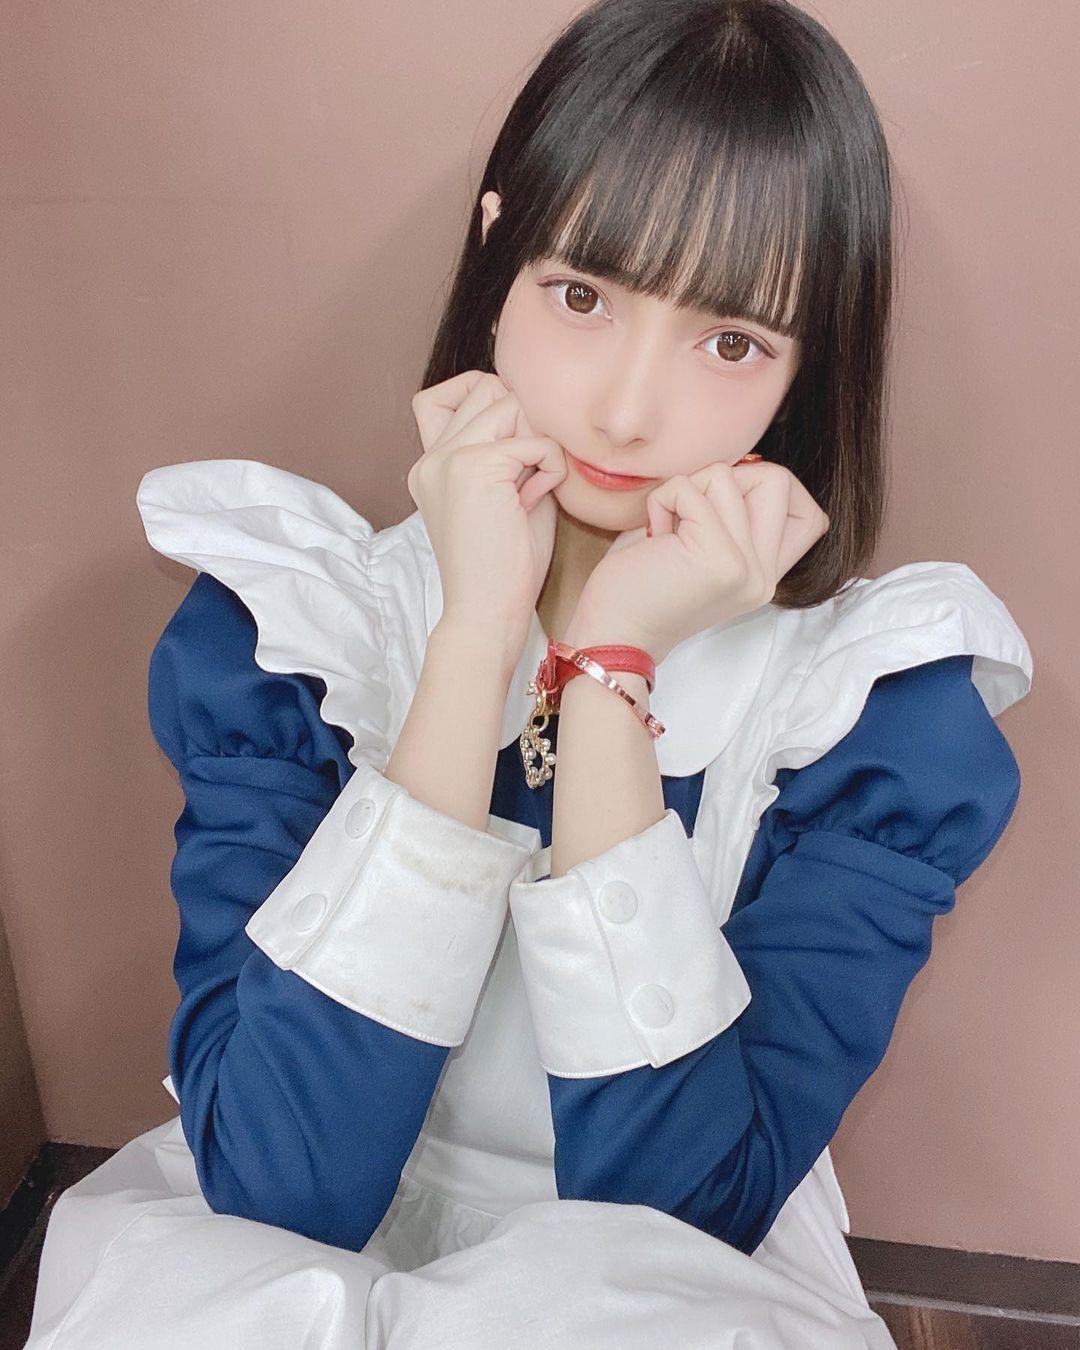 日本少女偶像天使もも写真使出招数 养眼图片 第6张